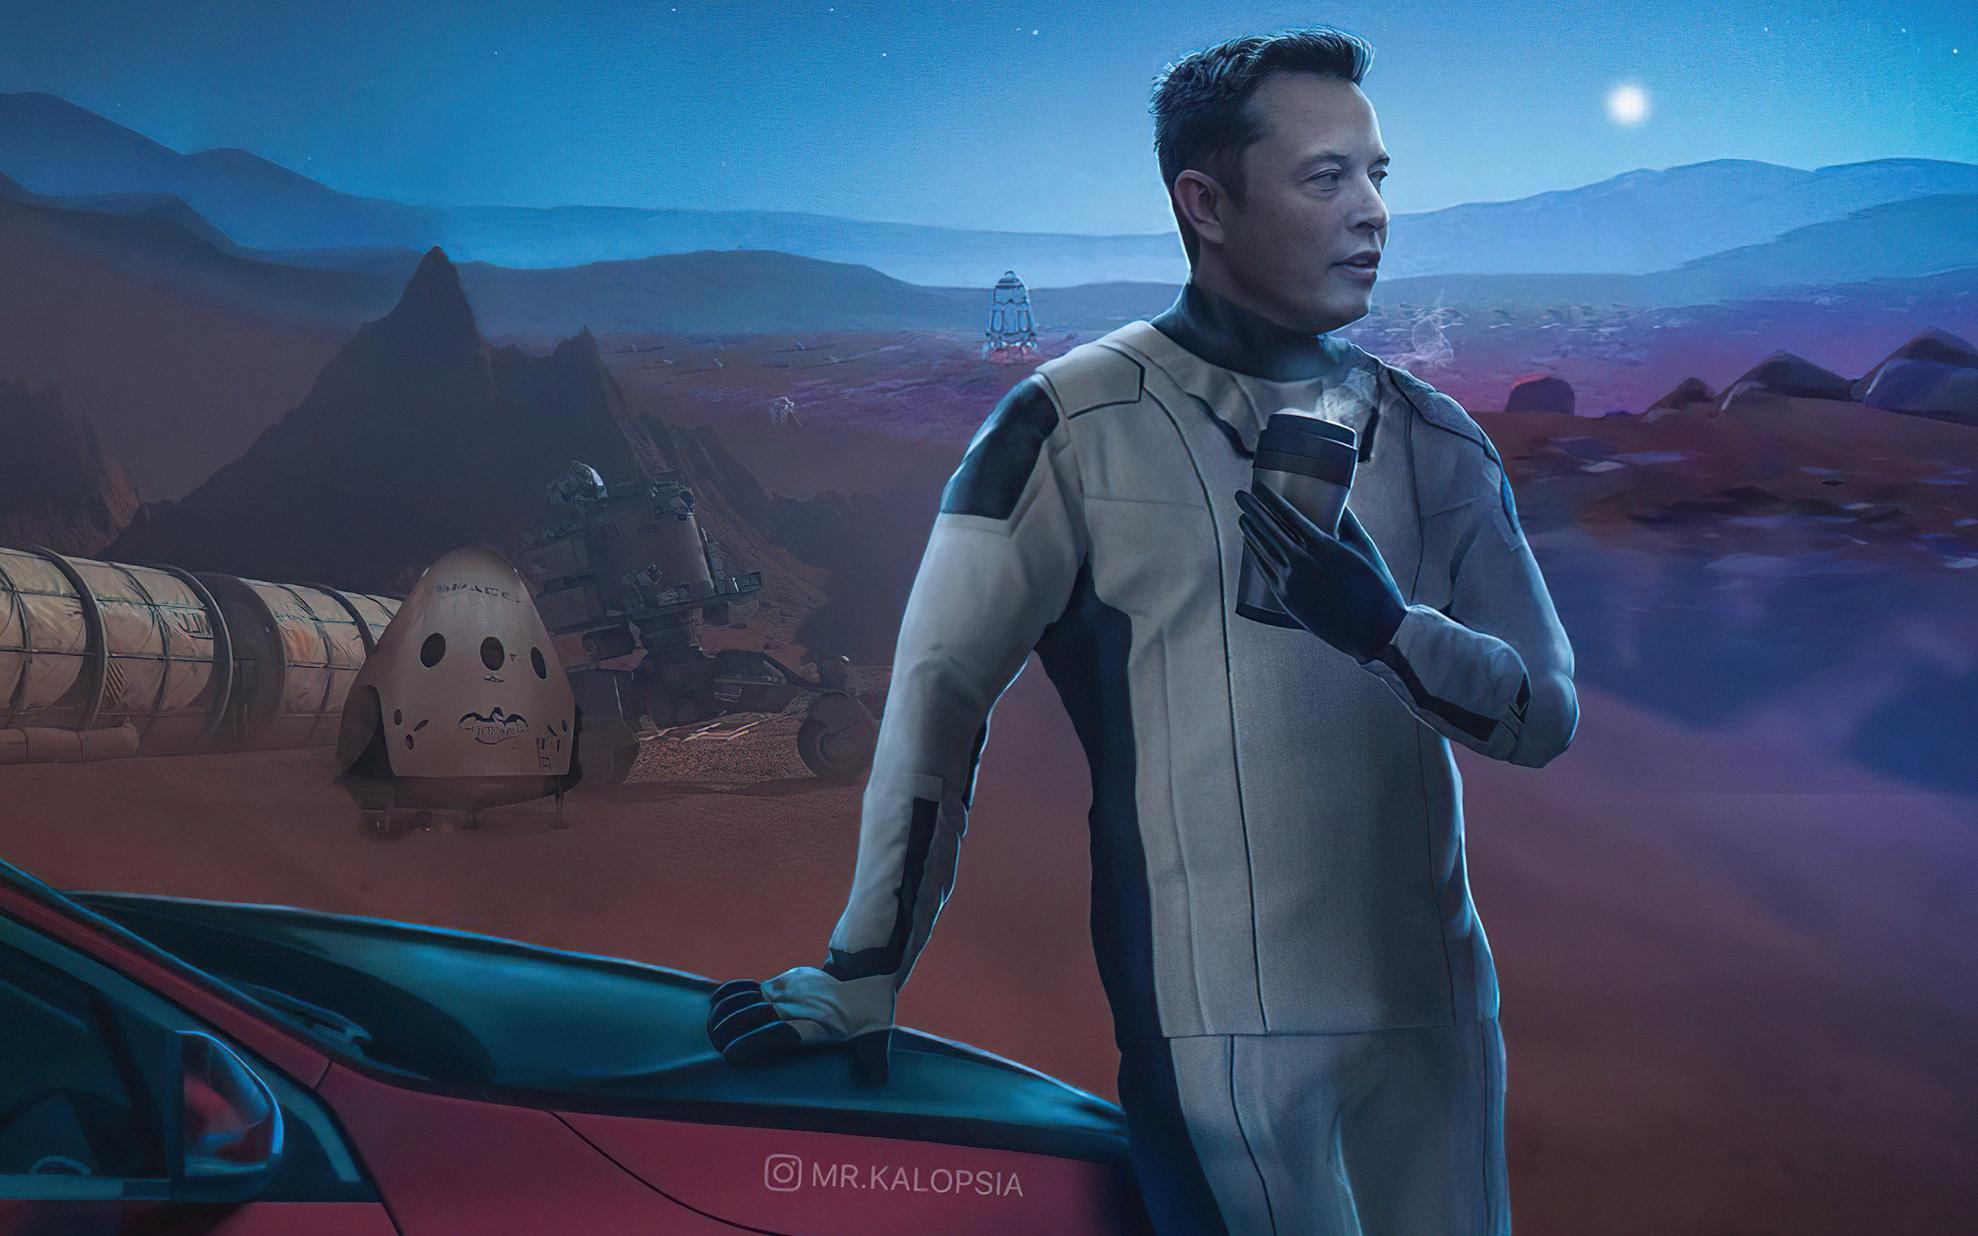 """Elon Musk cảnh báo về sự sụt giảm dân số trên Trái Đất, nói rằng """"Sao Hỏa cần con người"""""""